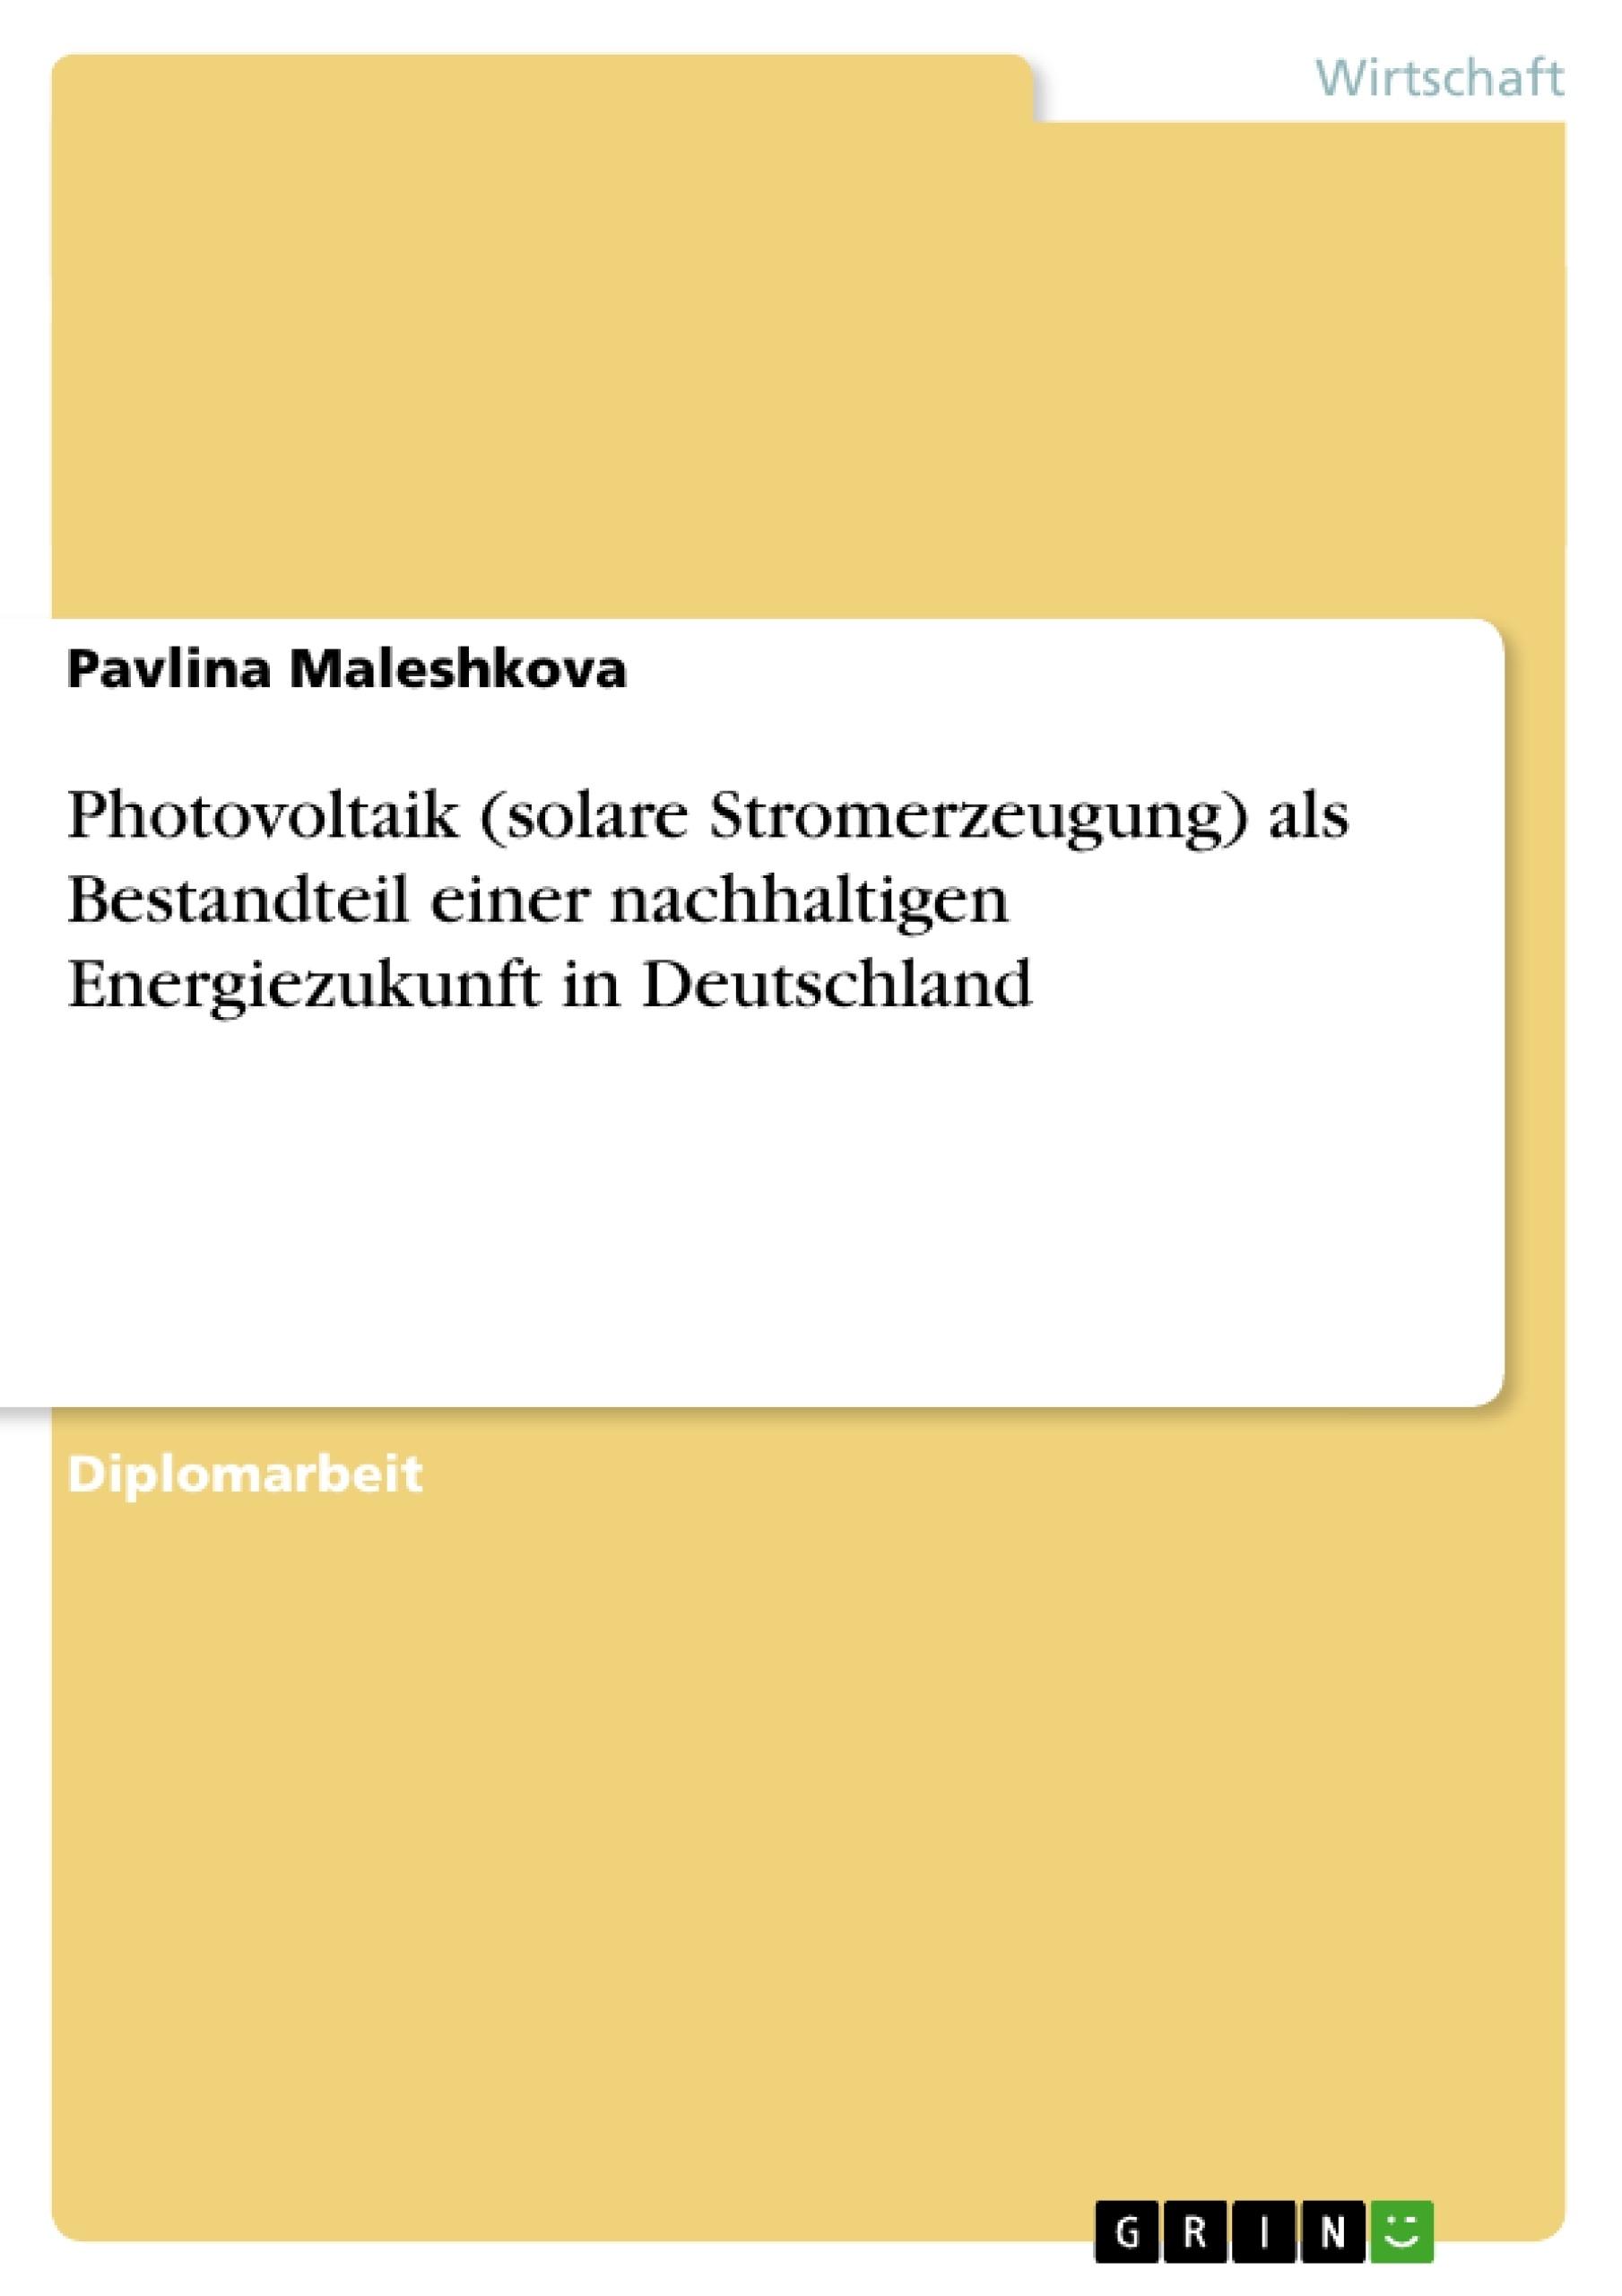 Titel: Photovoltaik (solare Stromerzeugung) als Bestandteil einer nachhaltigen Energiezukunft in Deutschland